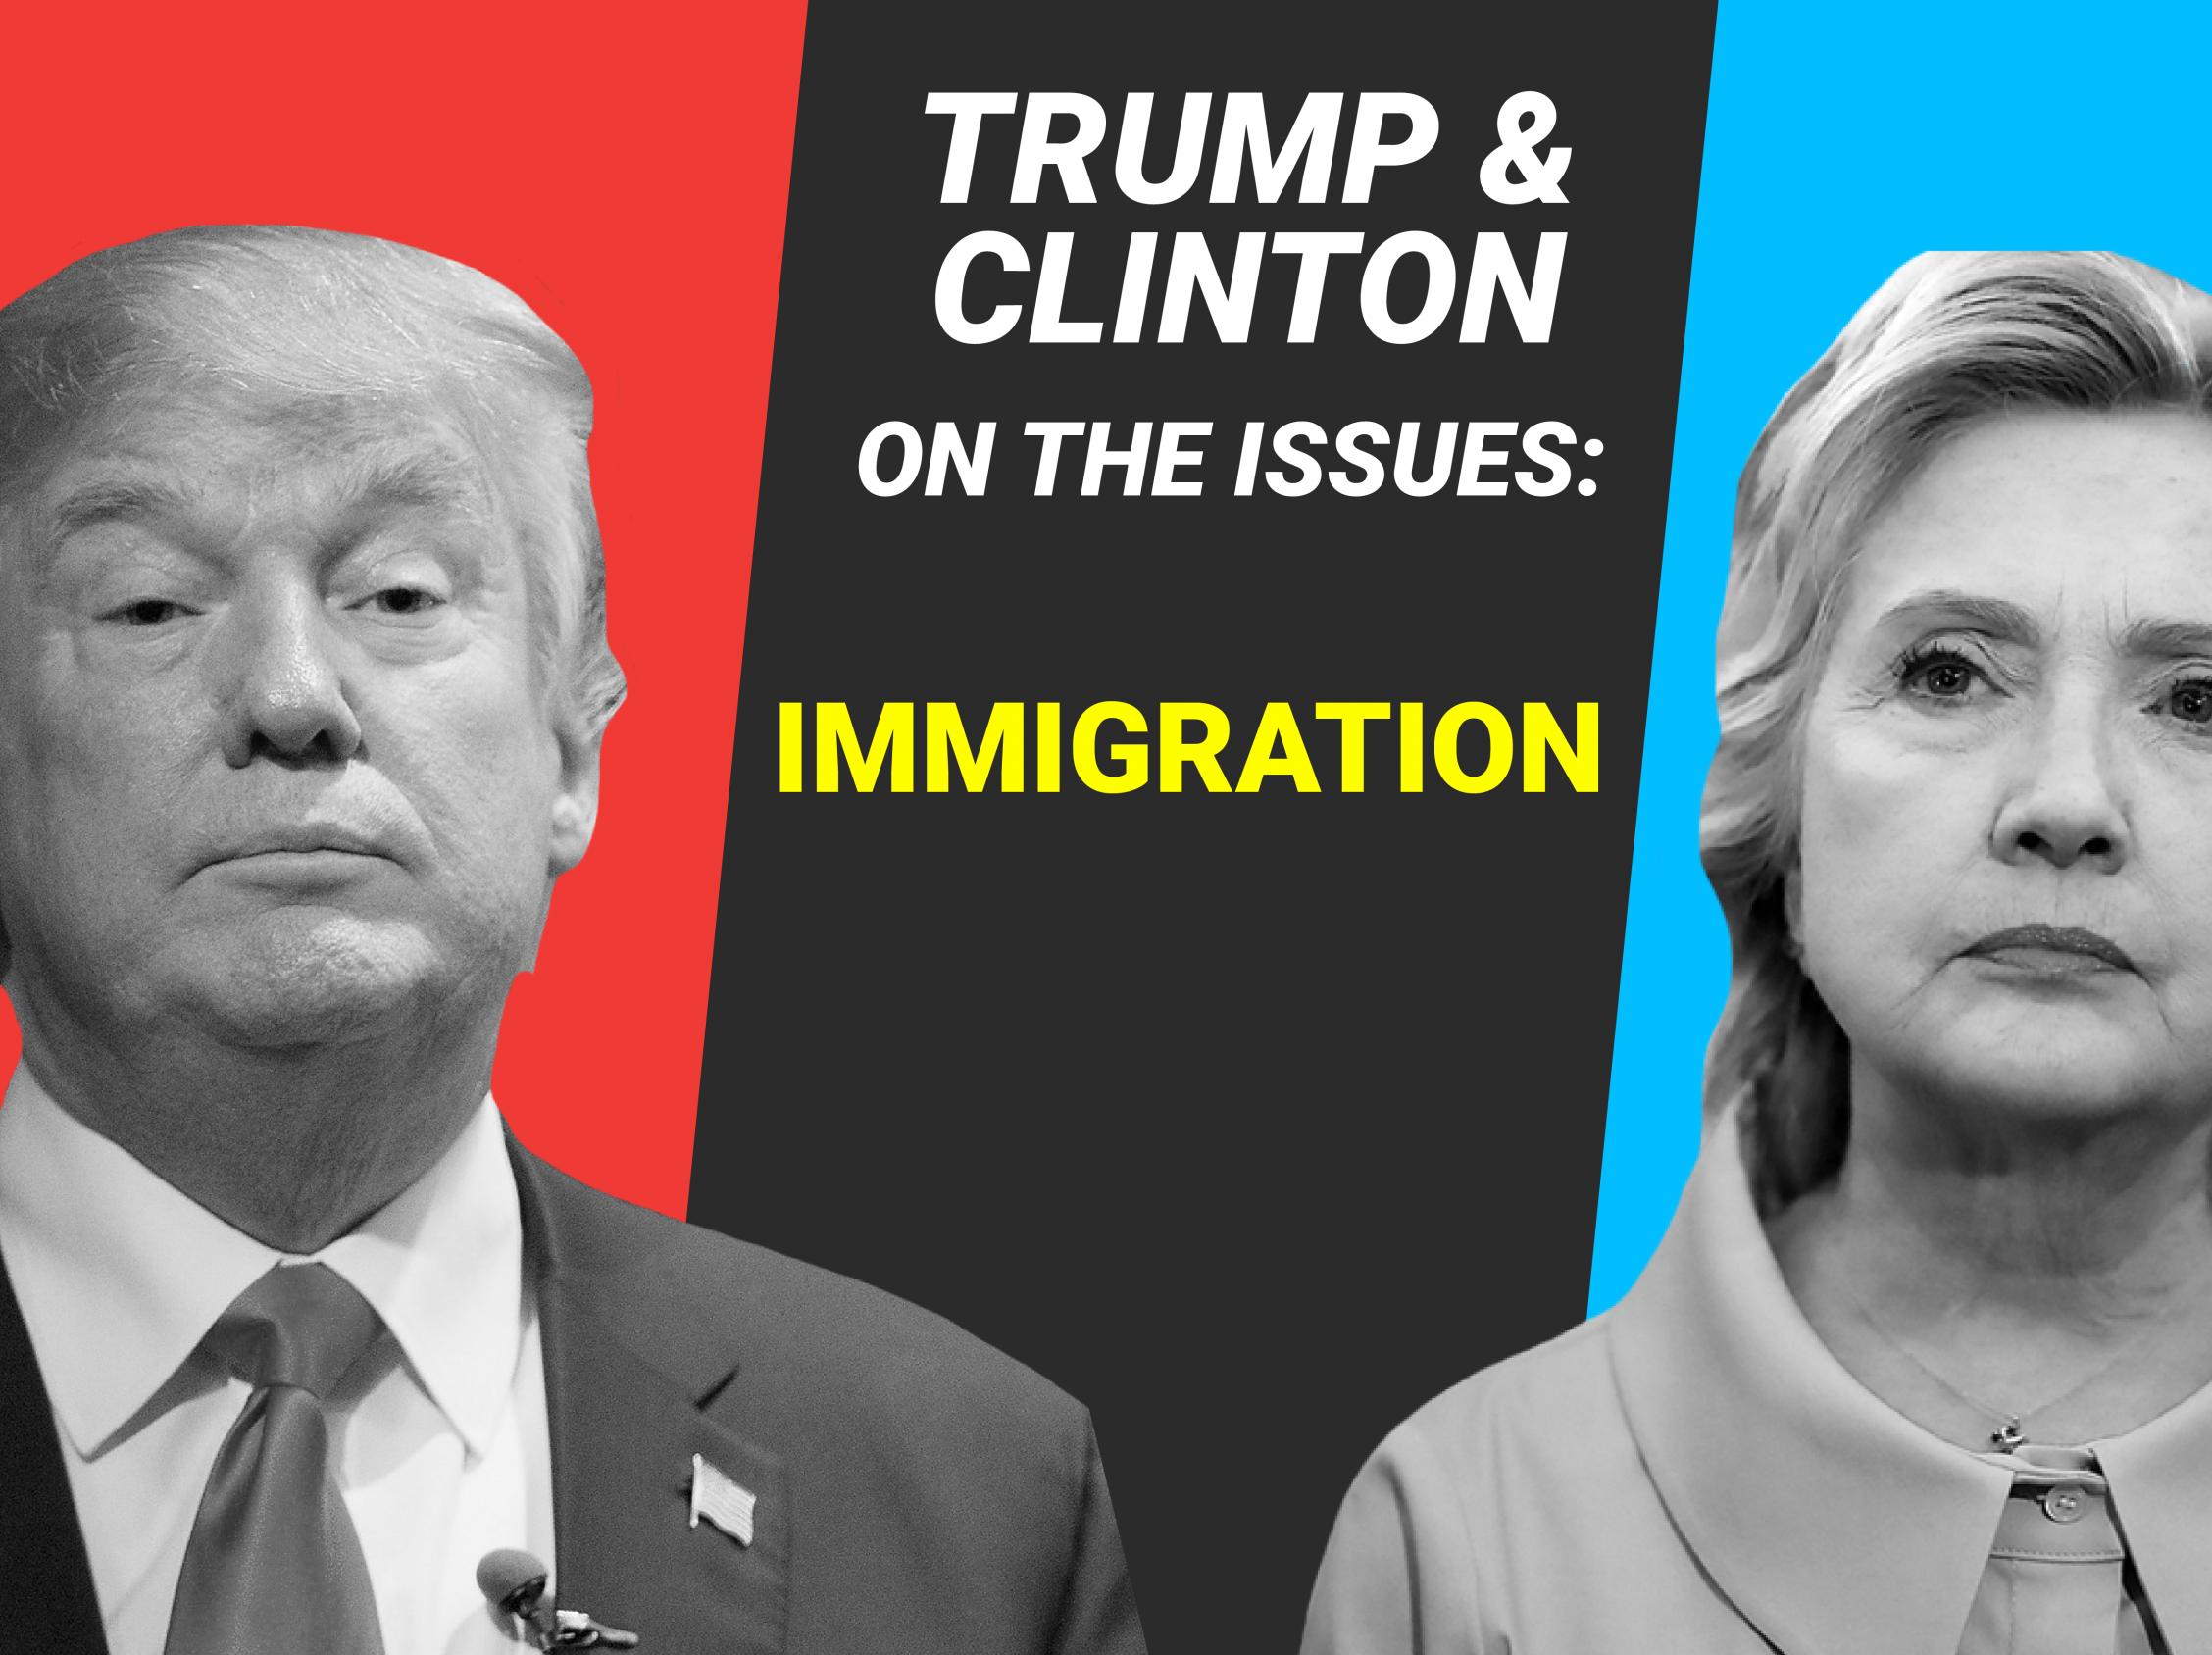 """希拉里和特朗普对移民改革的立场对比"""""""